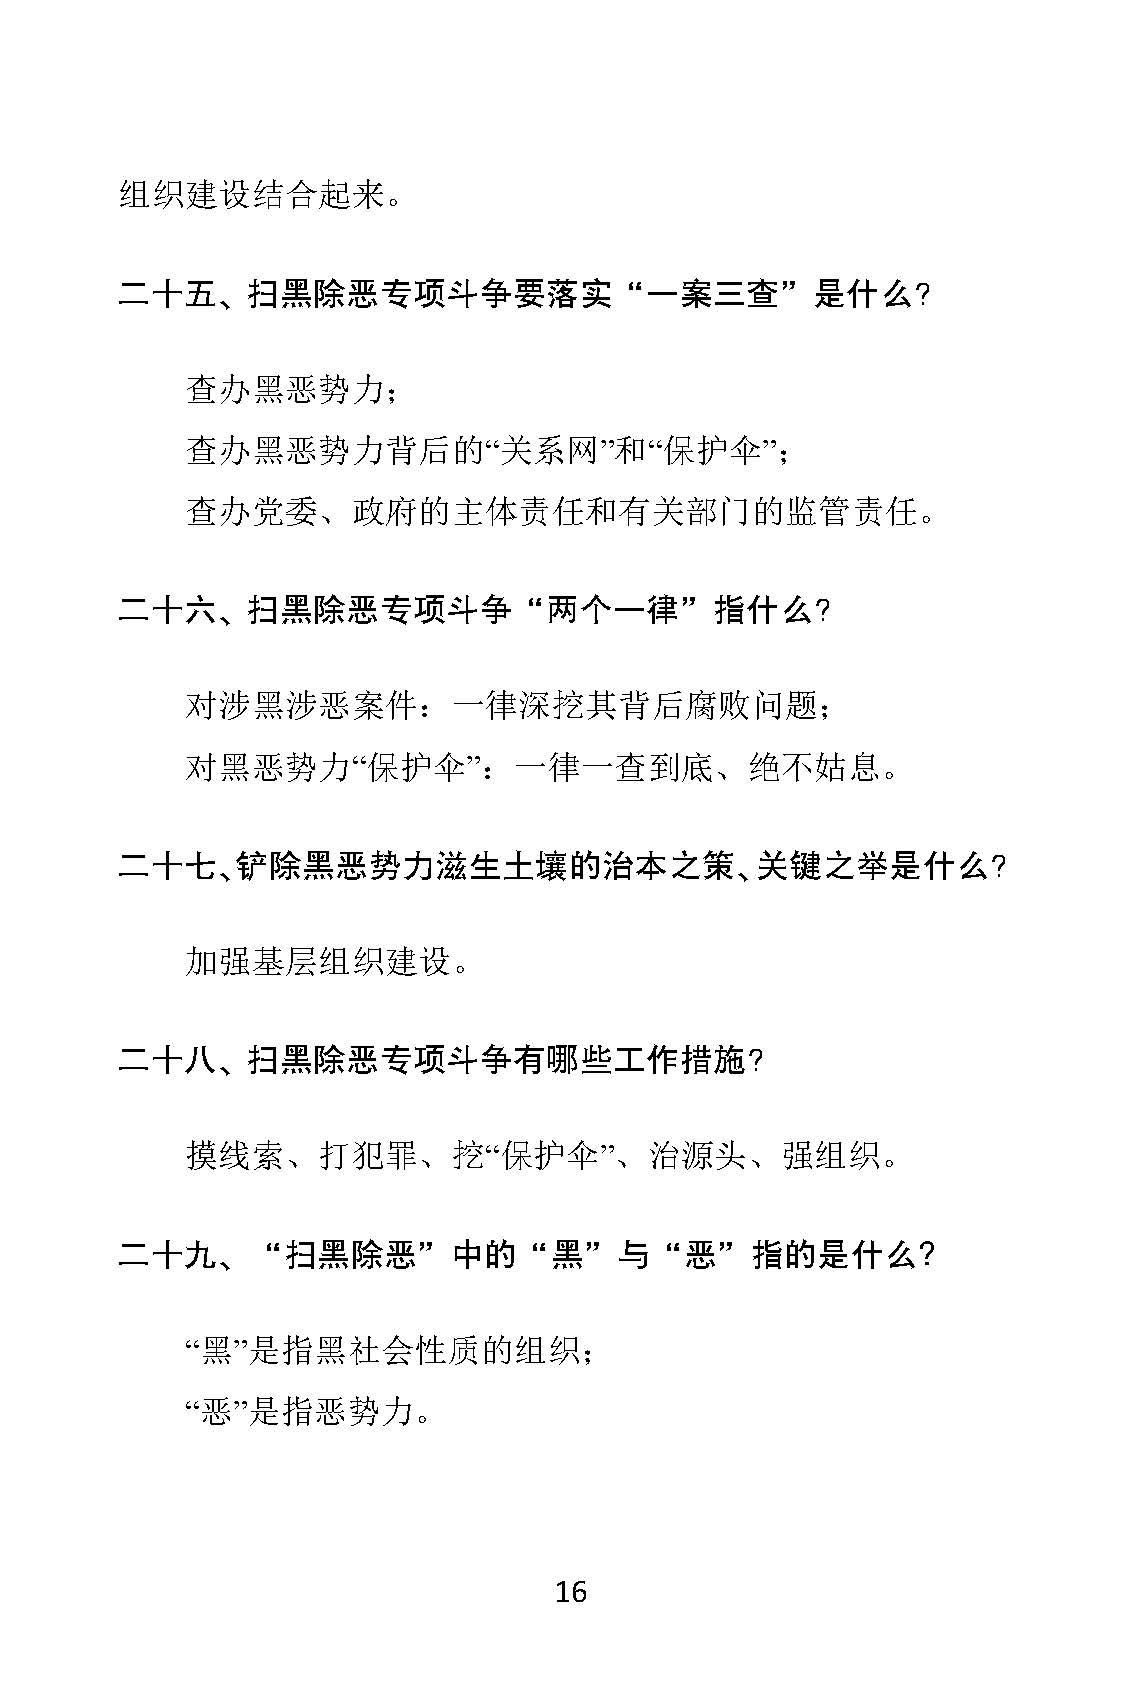 贺州市扫黑除恶  应知应会知识汇编_页面_16.jpg